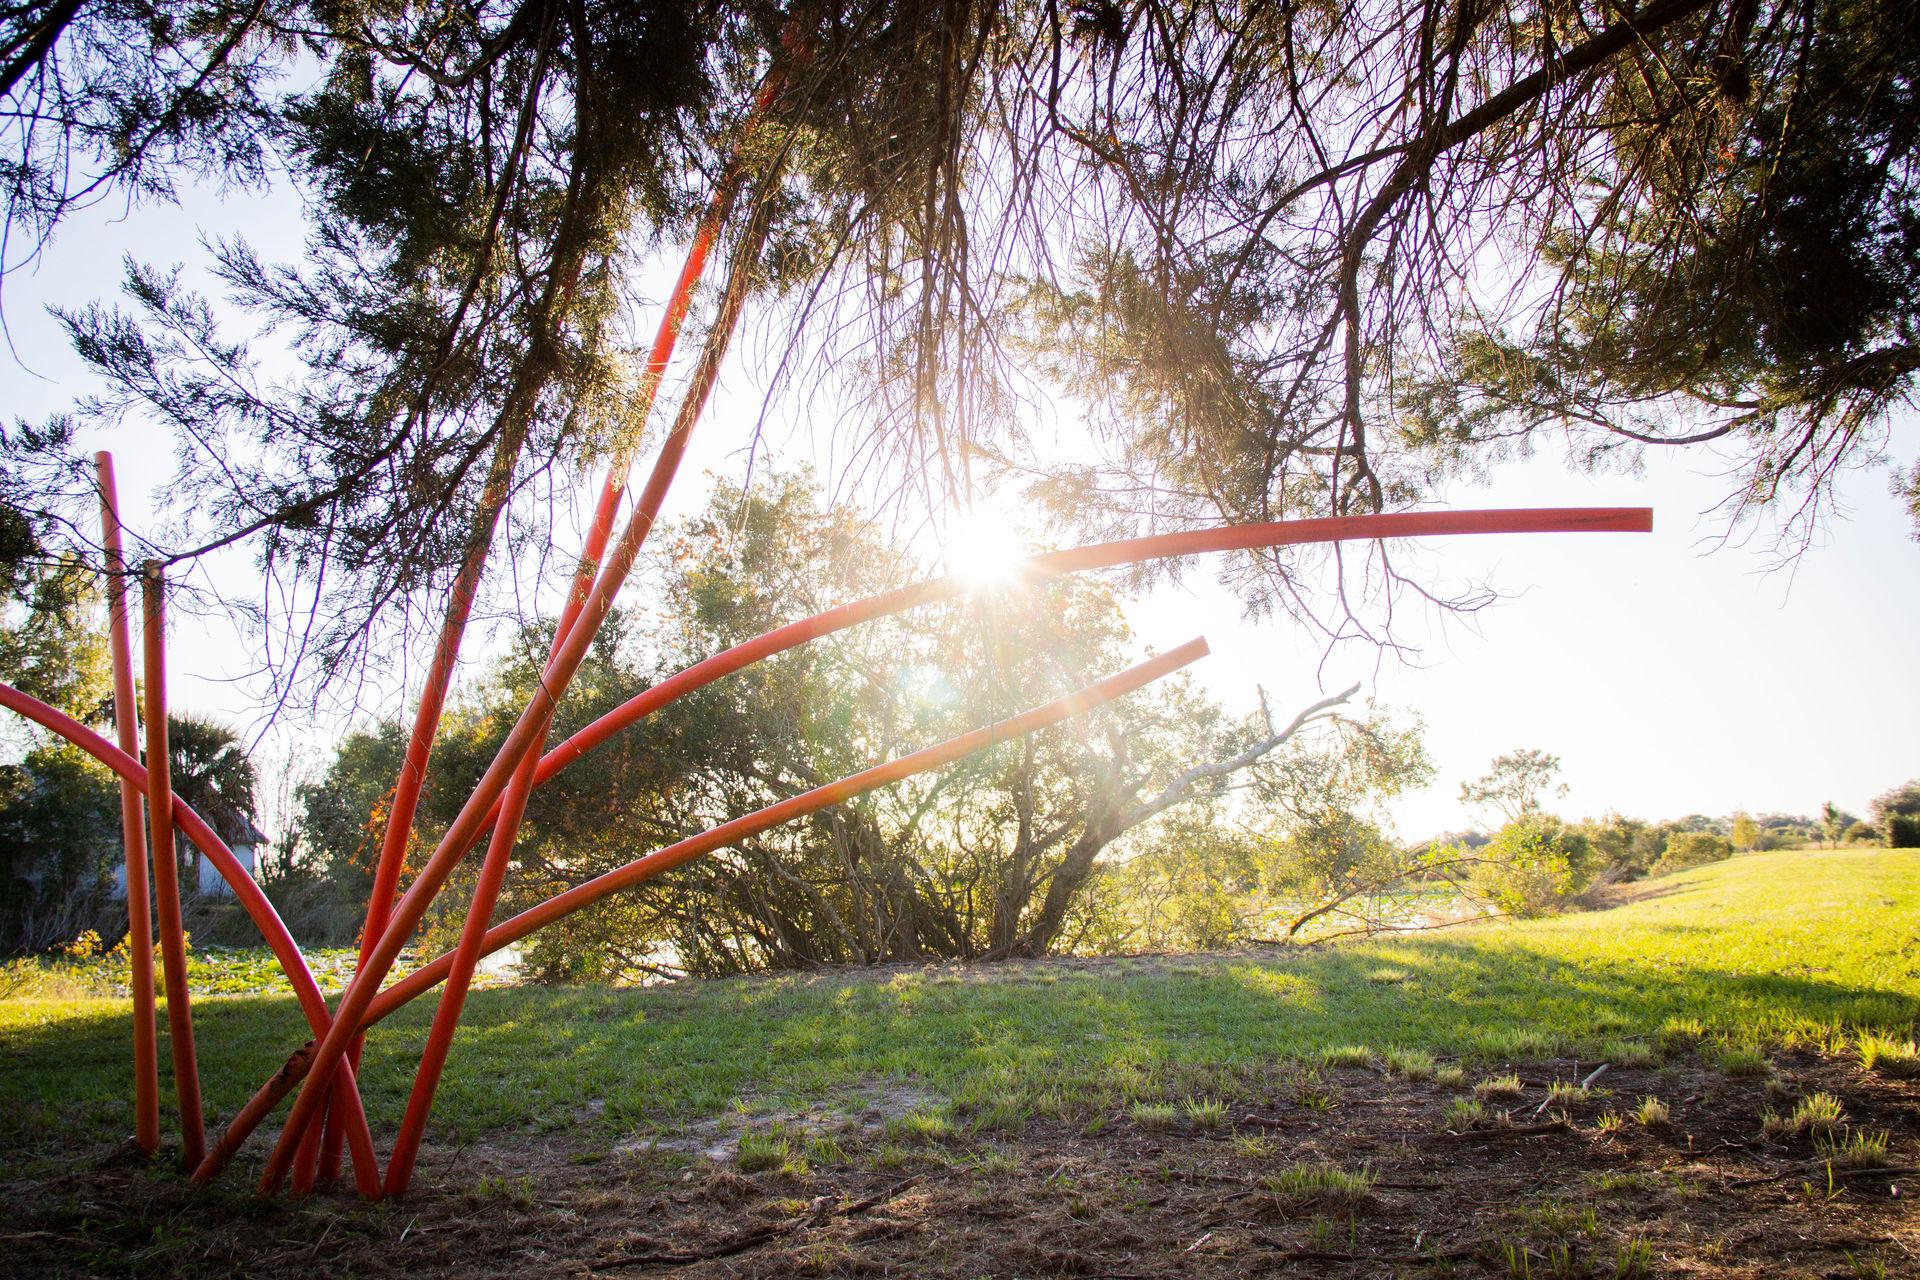 Art installation in Punta Gorda